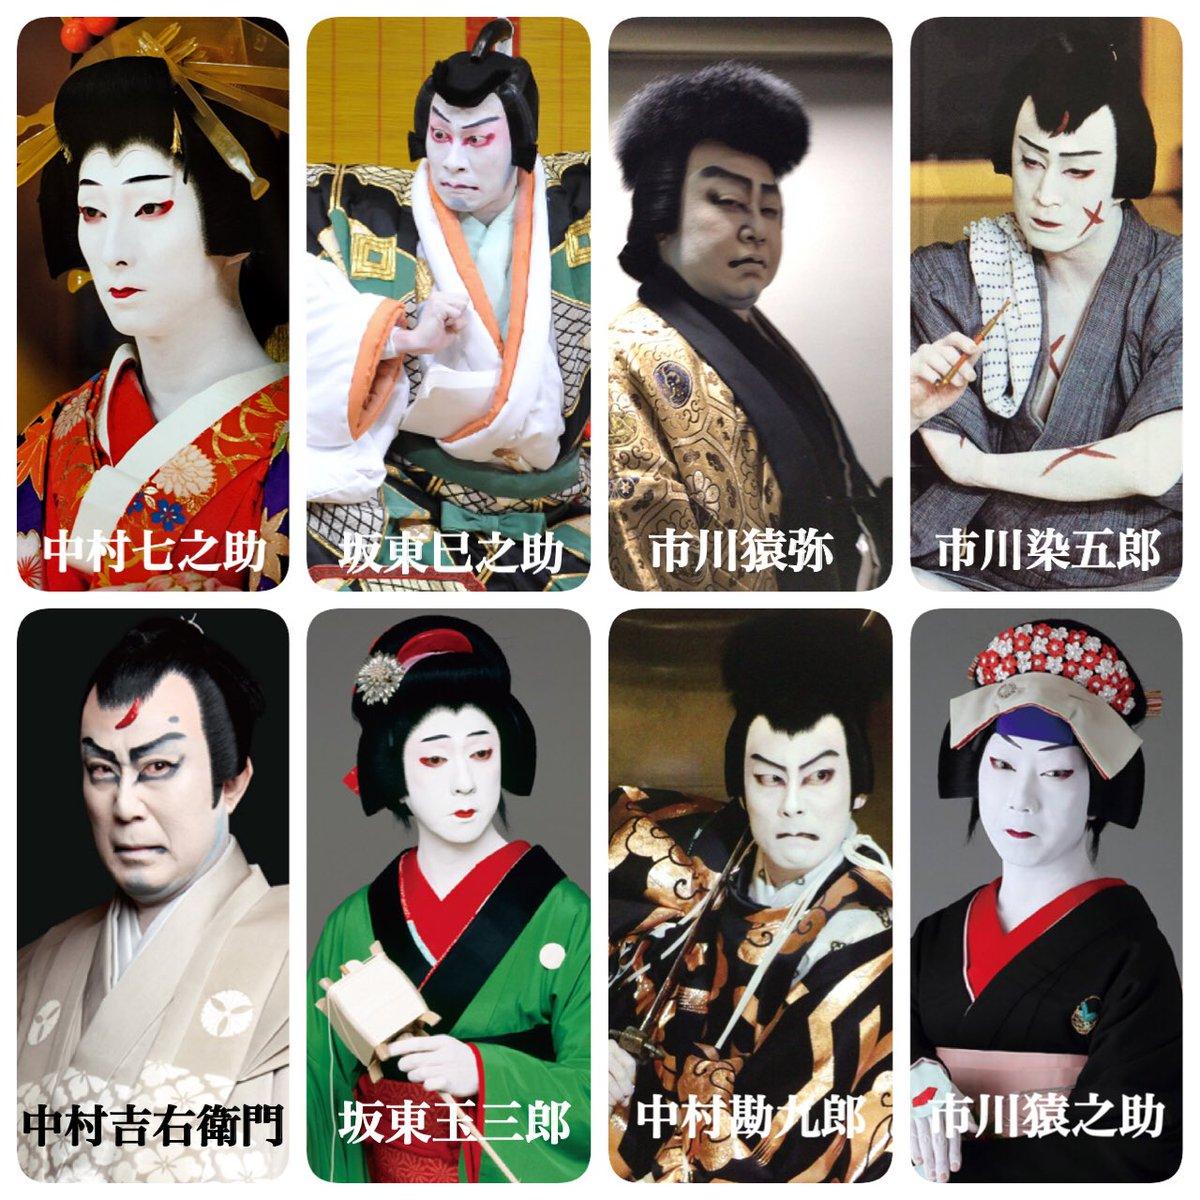 海外俳優のONとOFFのやつが面白かったので、歌舞伎俳優版も作りました